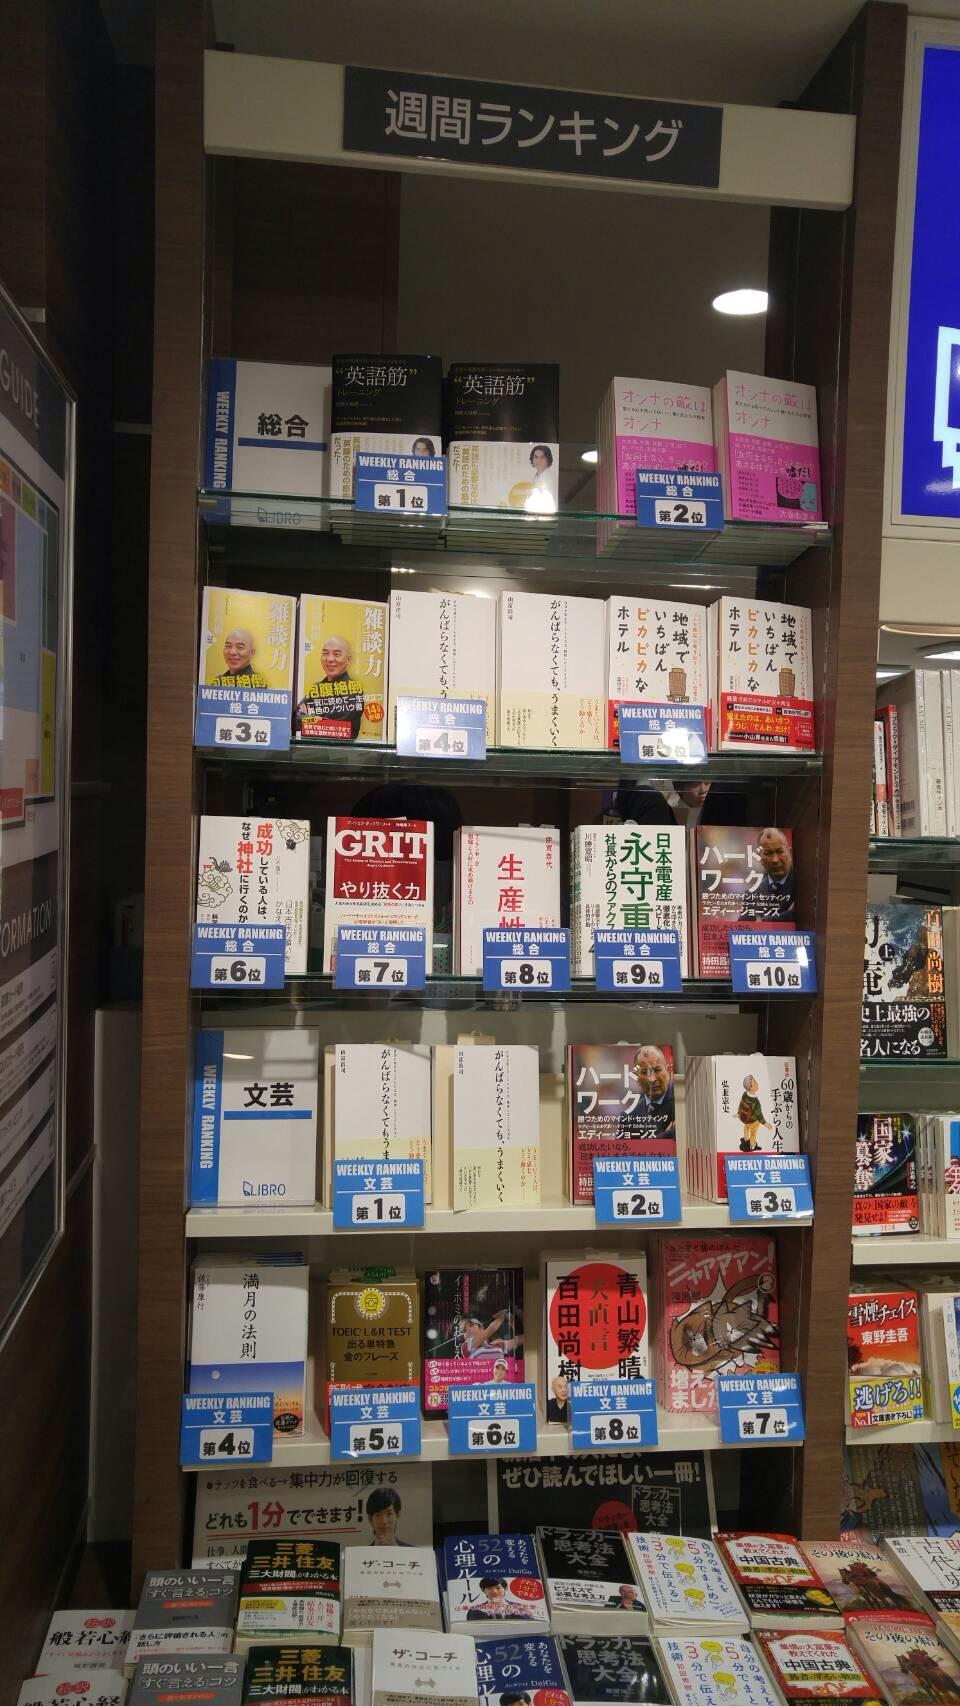 リブロ新大阪駅店 文芸ランンキング4位「満月の法則」